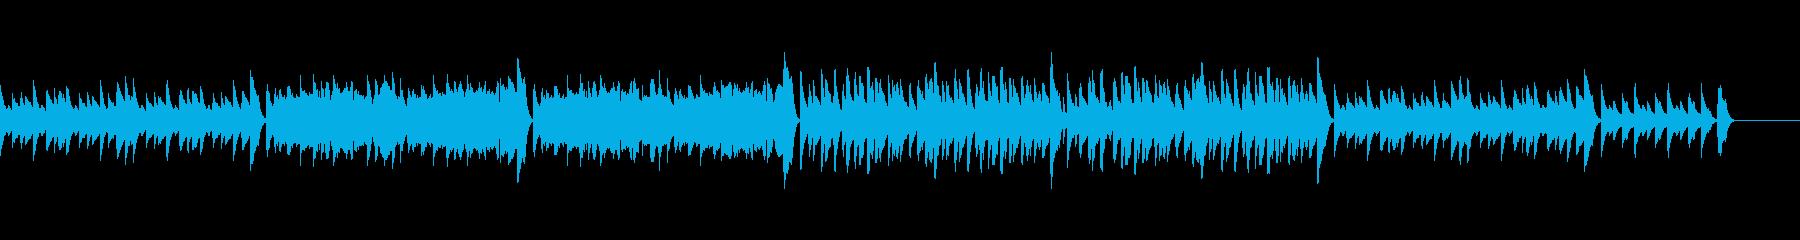 ピアノ、フルート、マリンバの短めの曲の再生済みの波形